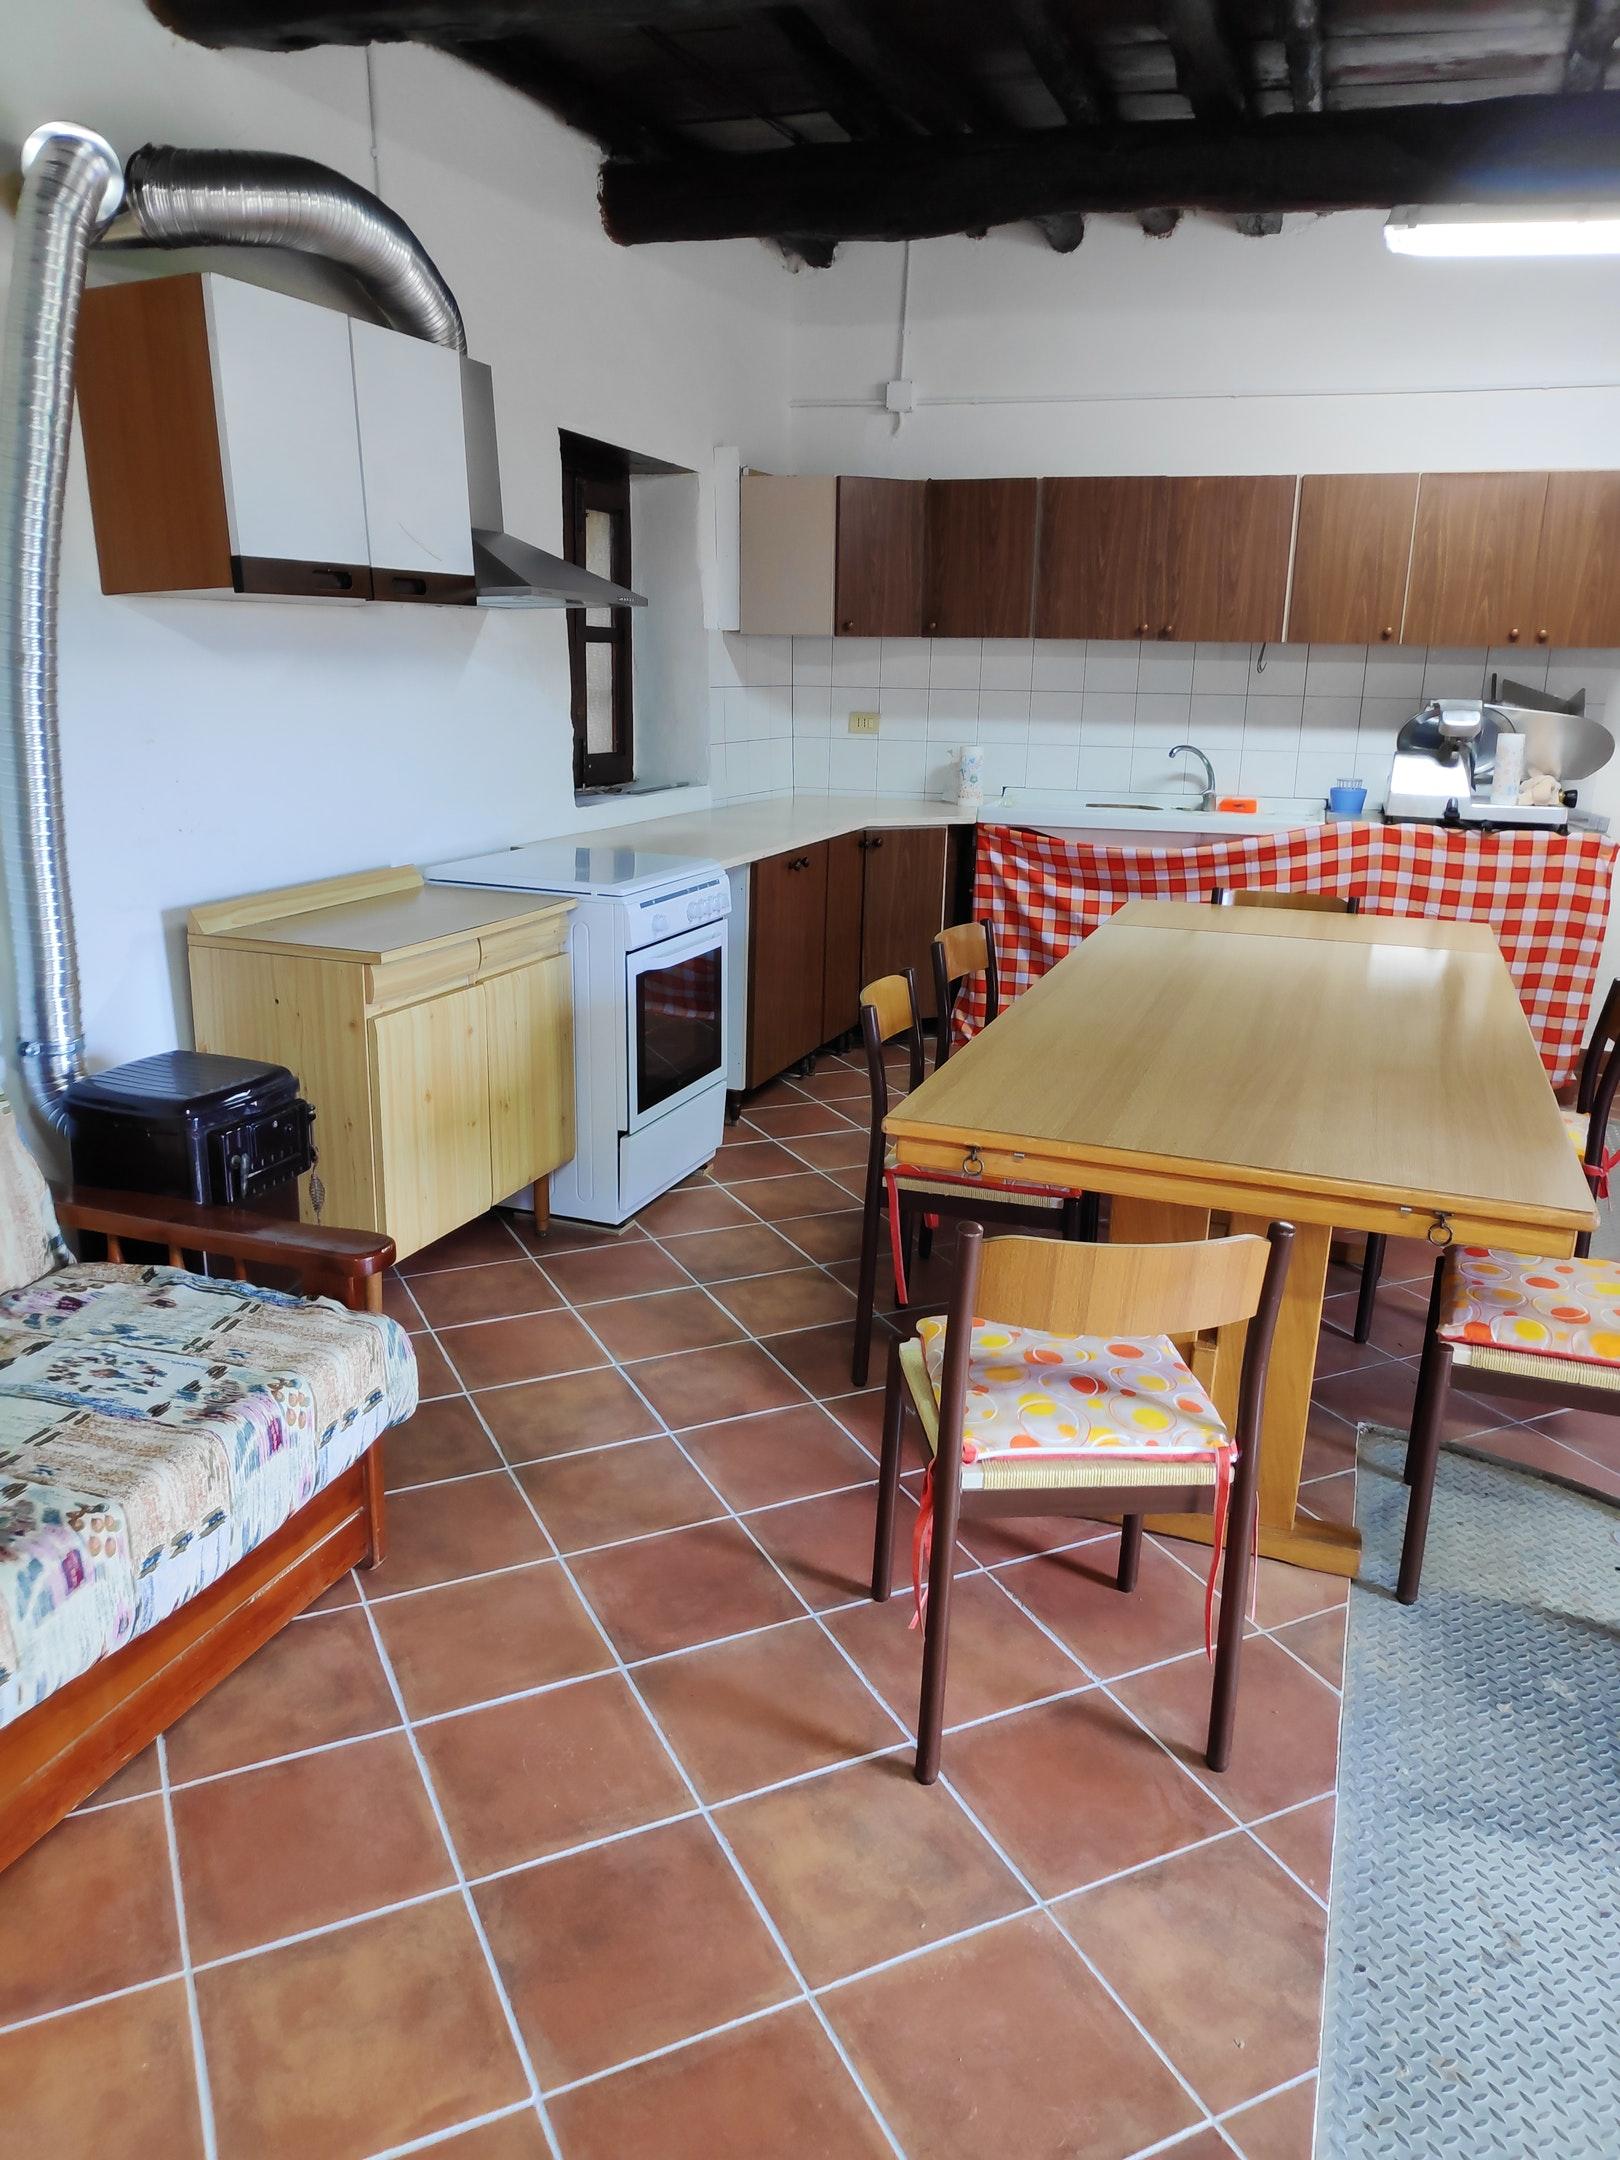 Ferienwohnung Studio in Mongiove mit eingezäuntem Garten - 800 m vom Strand entfernt (2599796), Patti, Messina, Sizilien, Italien, Bild 3